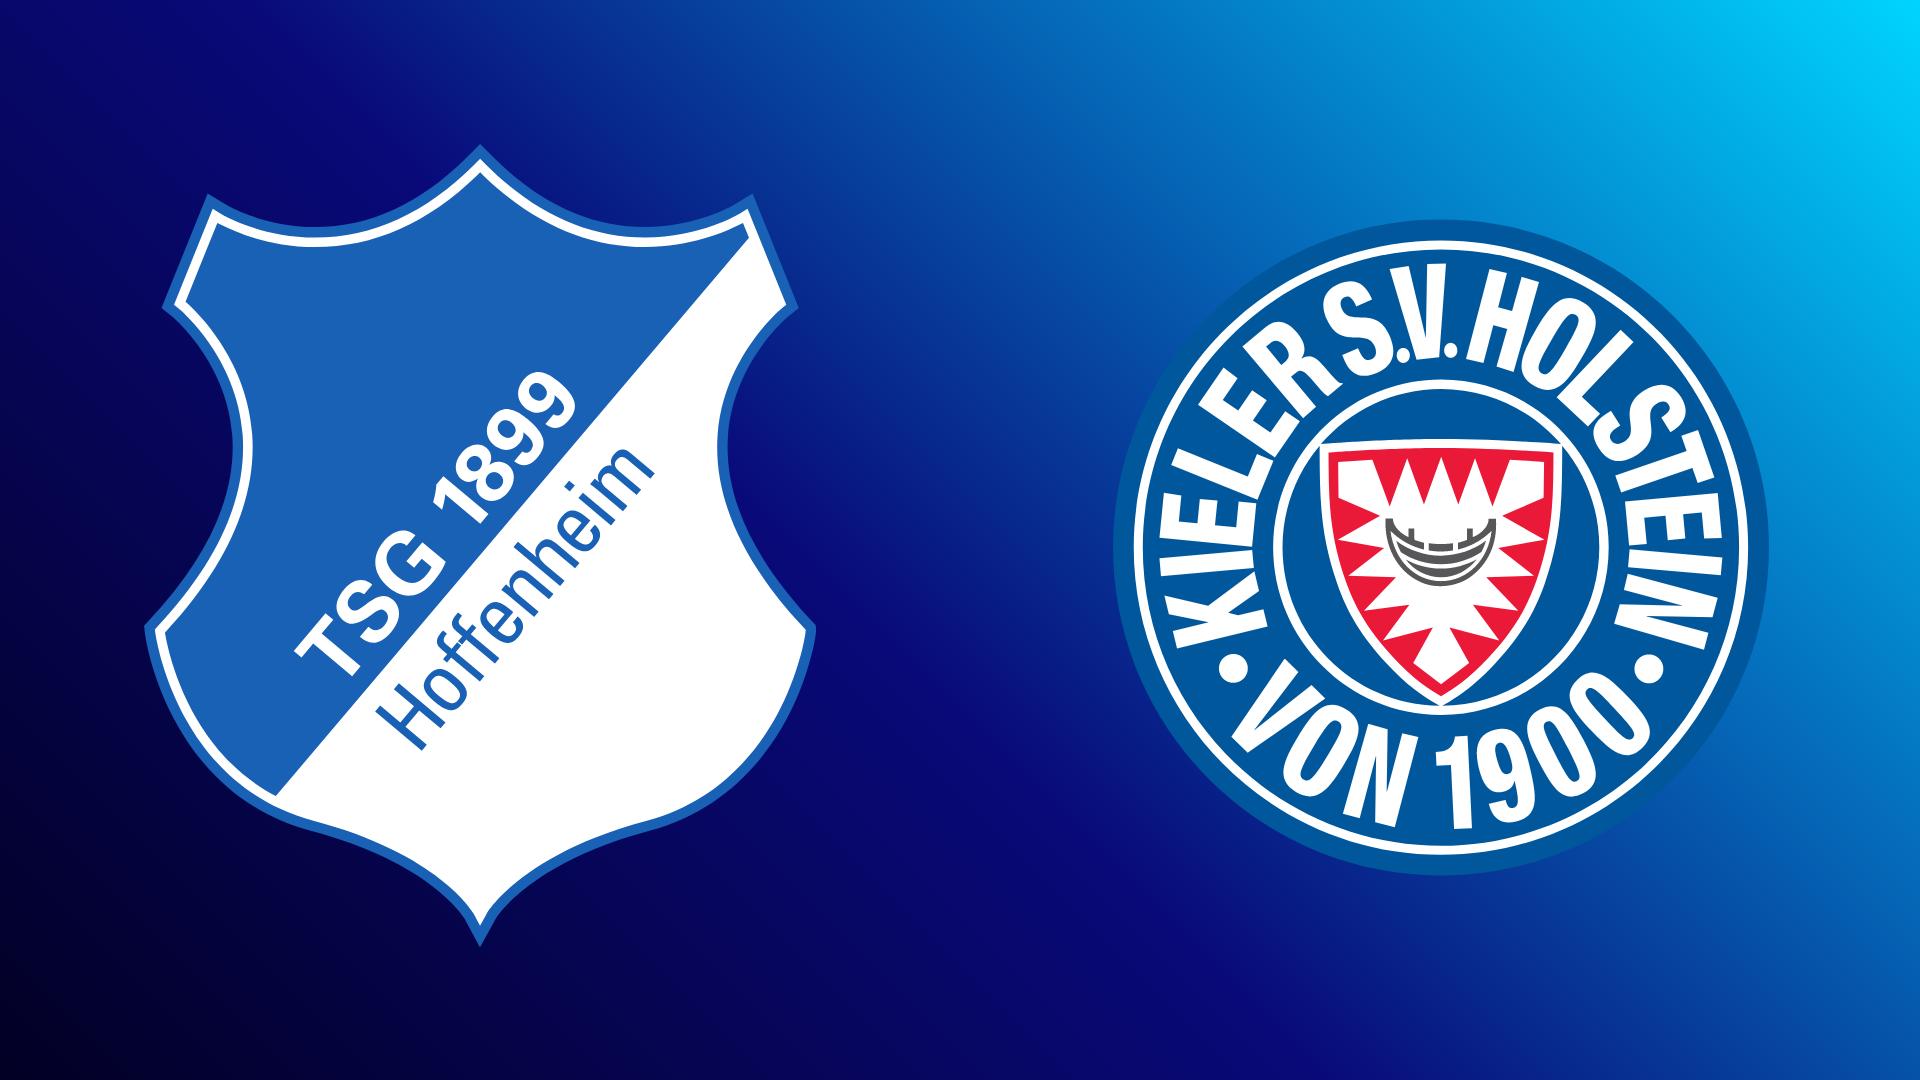 Live DFB-Pokal: 1899 Hoffenheim - Holstein Kiel, 2. Hauptrunde 26.10.2021 um 18:00 Uhr auf Sky Ticket